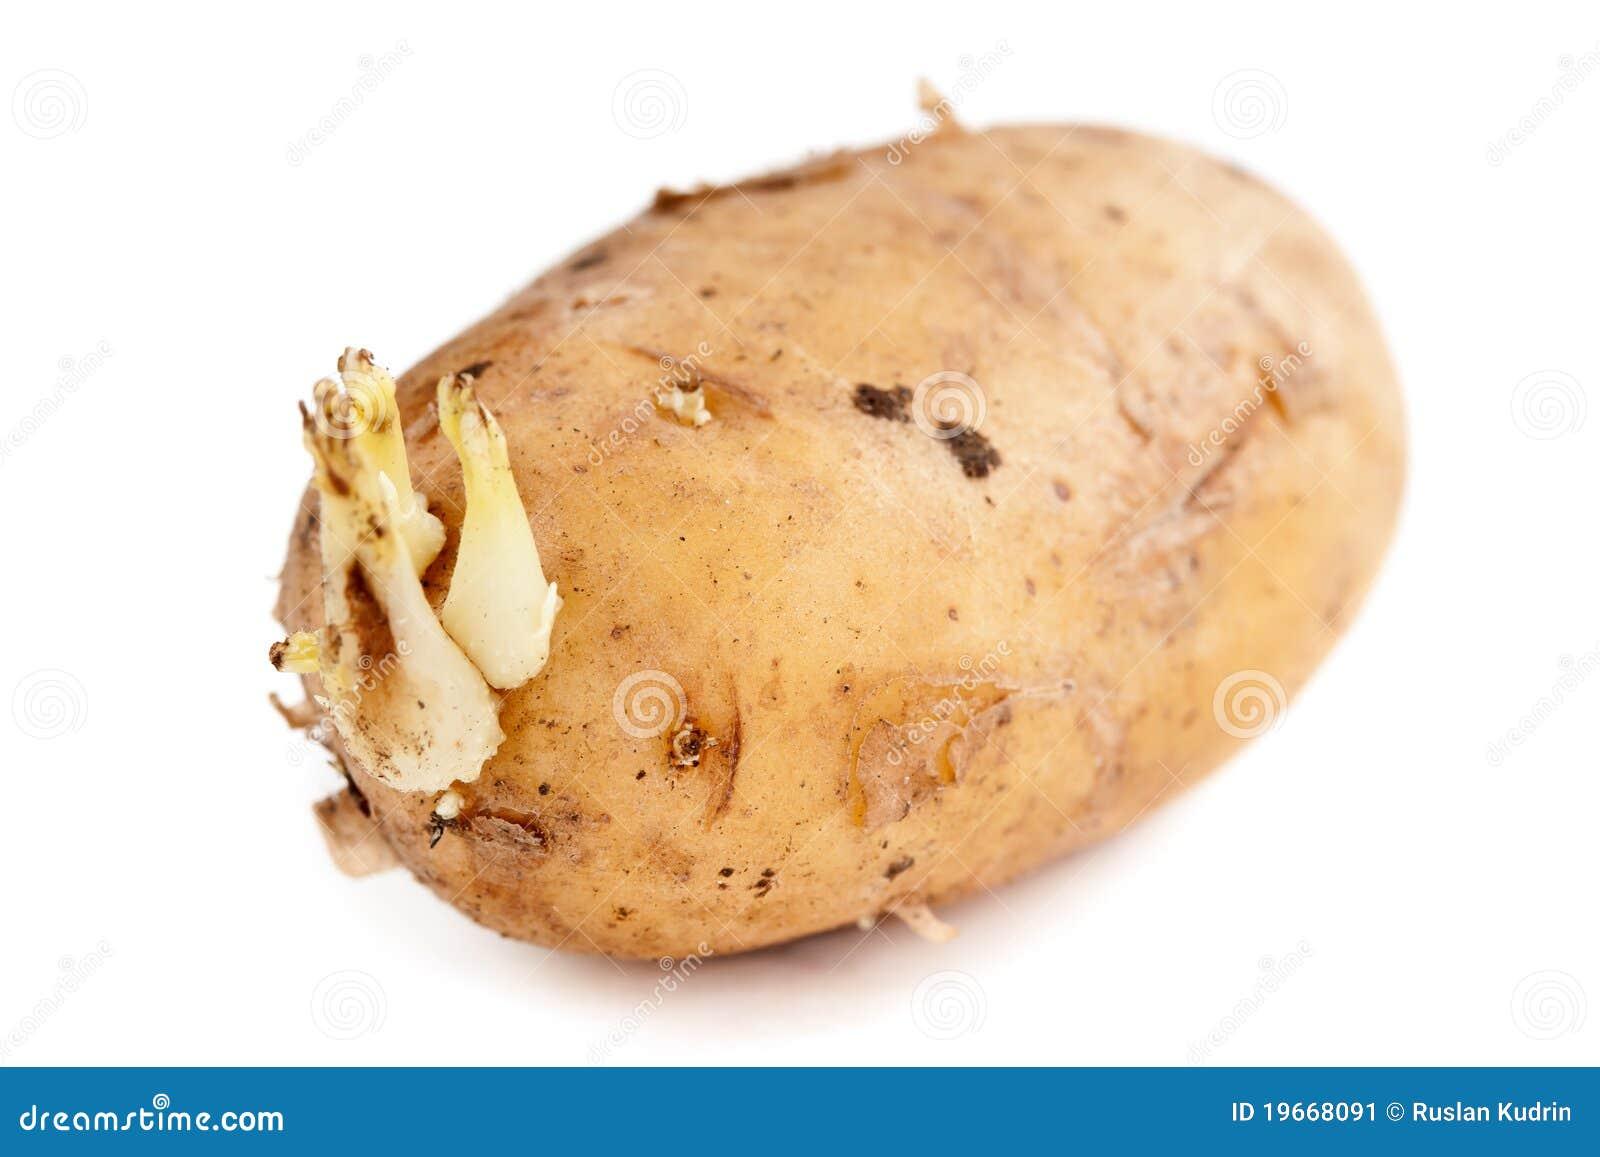 Pousses de pomme de terre image stock image du sain 19668091 - Pomme de terre germee comestible ...